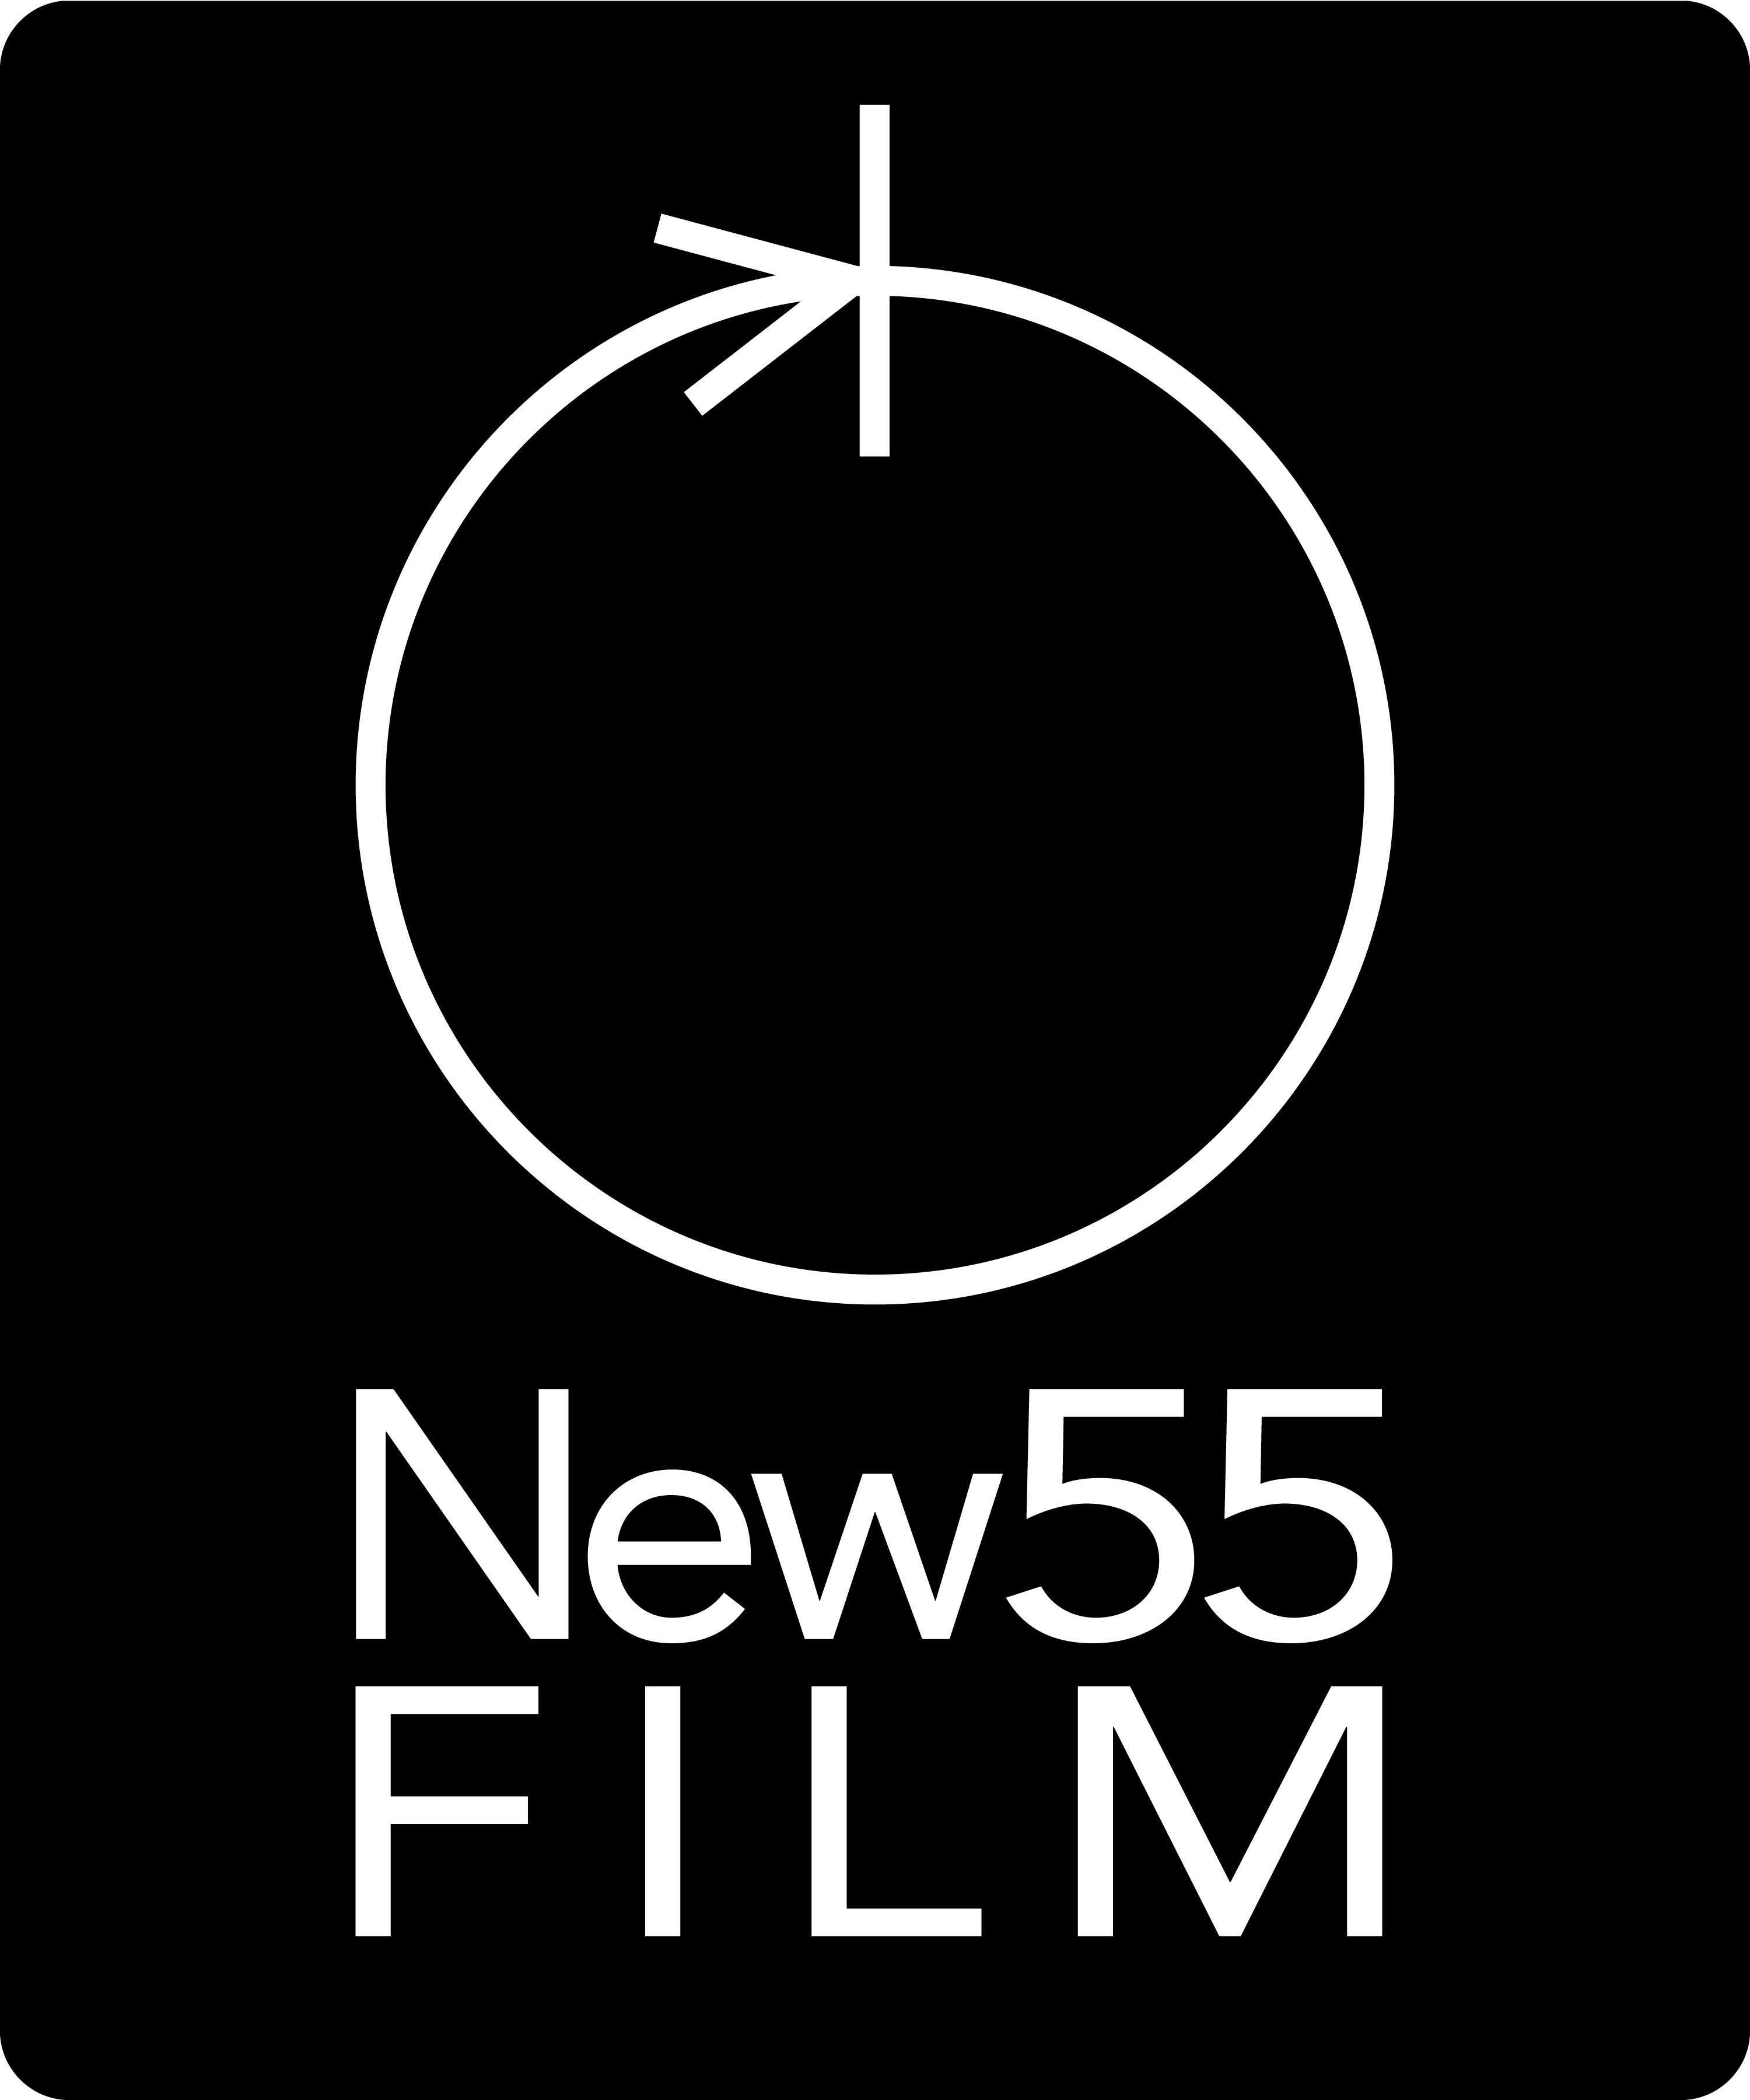 New55